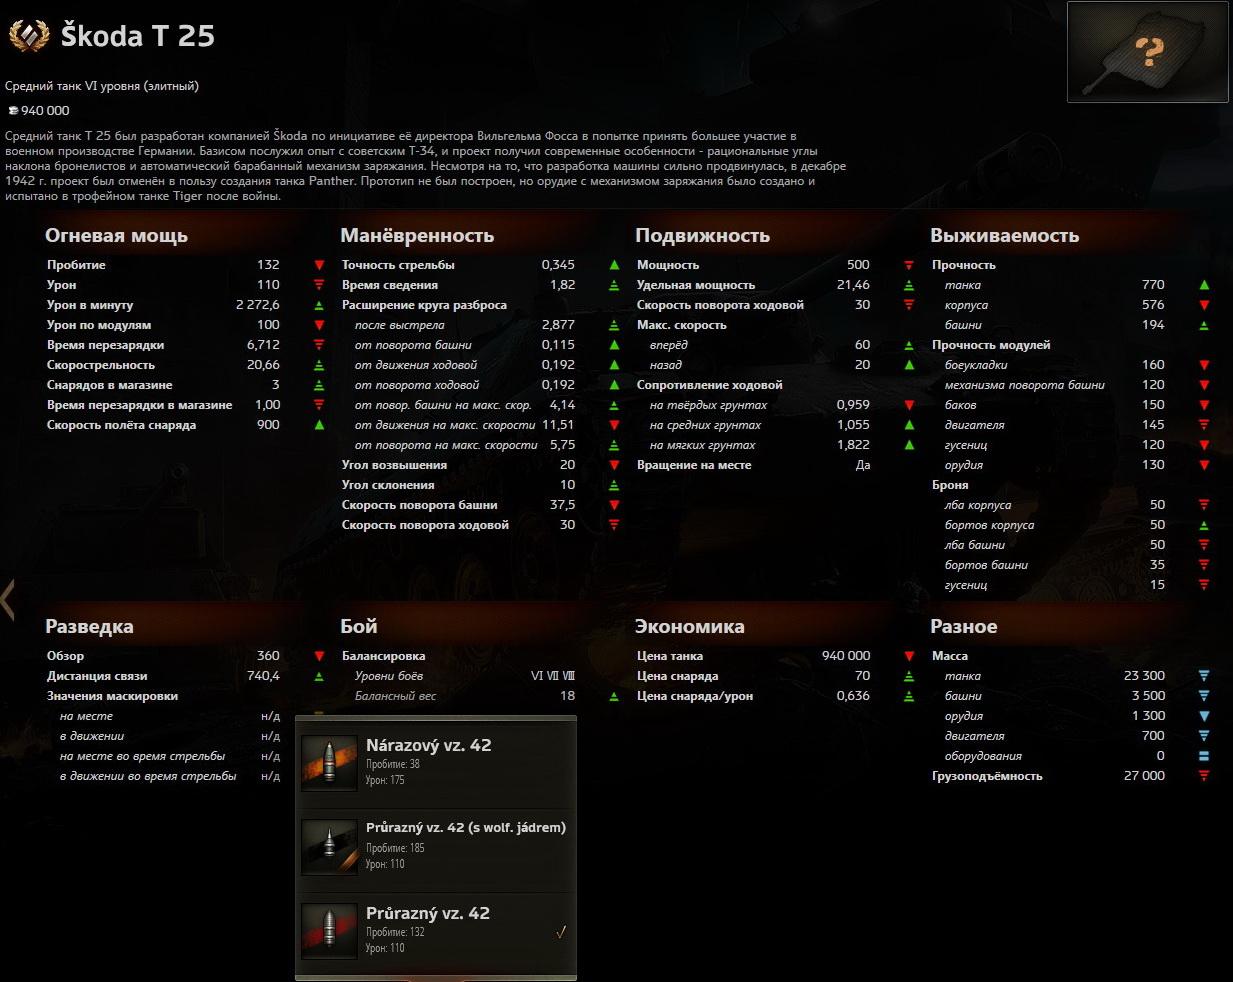 skoda-t-25-stats